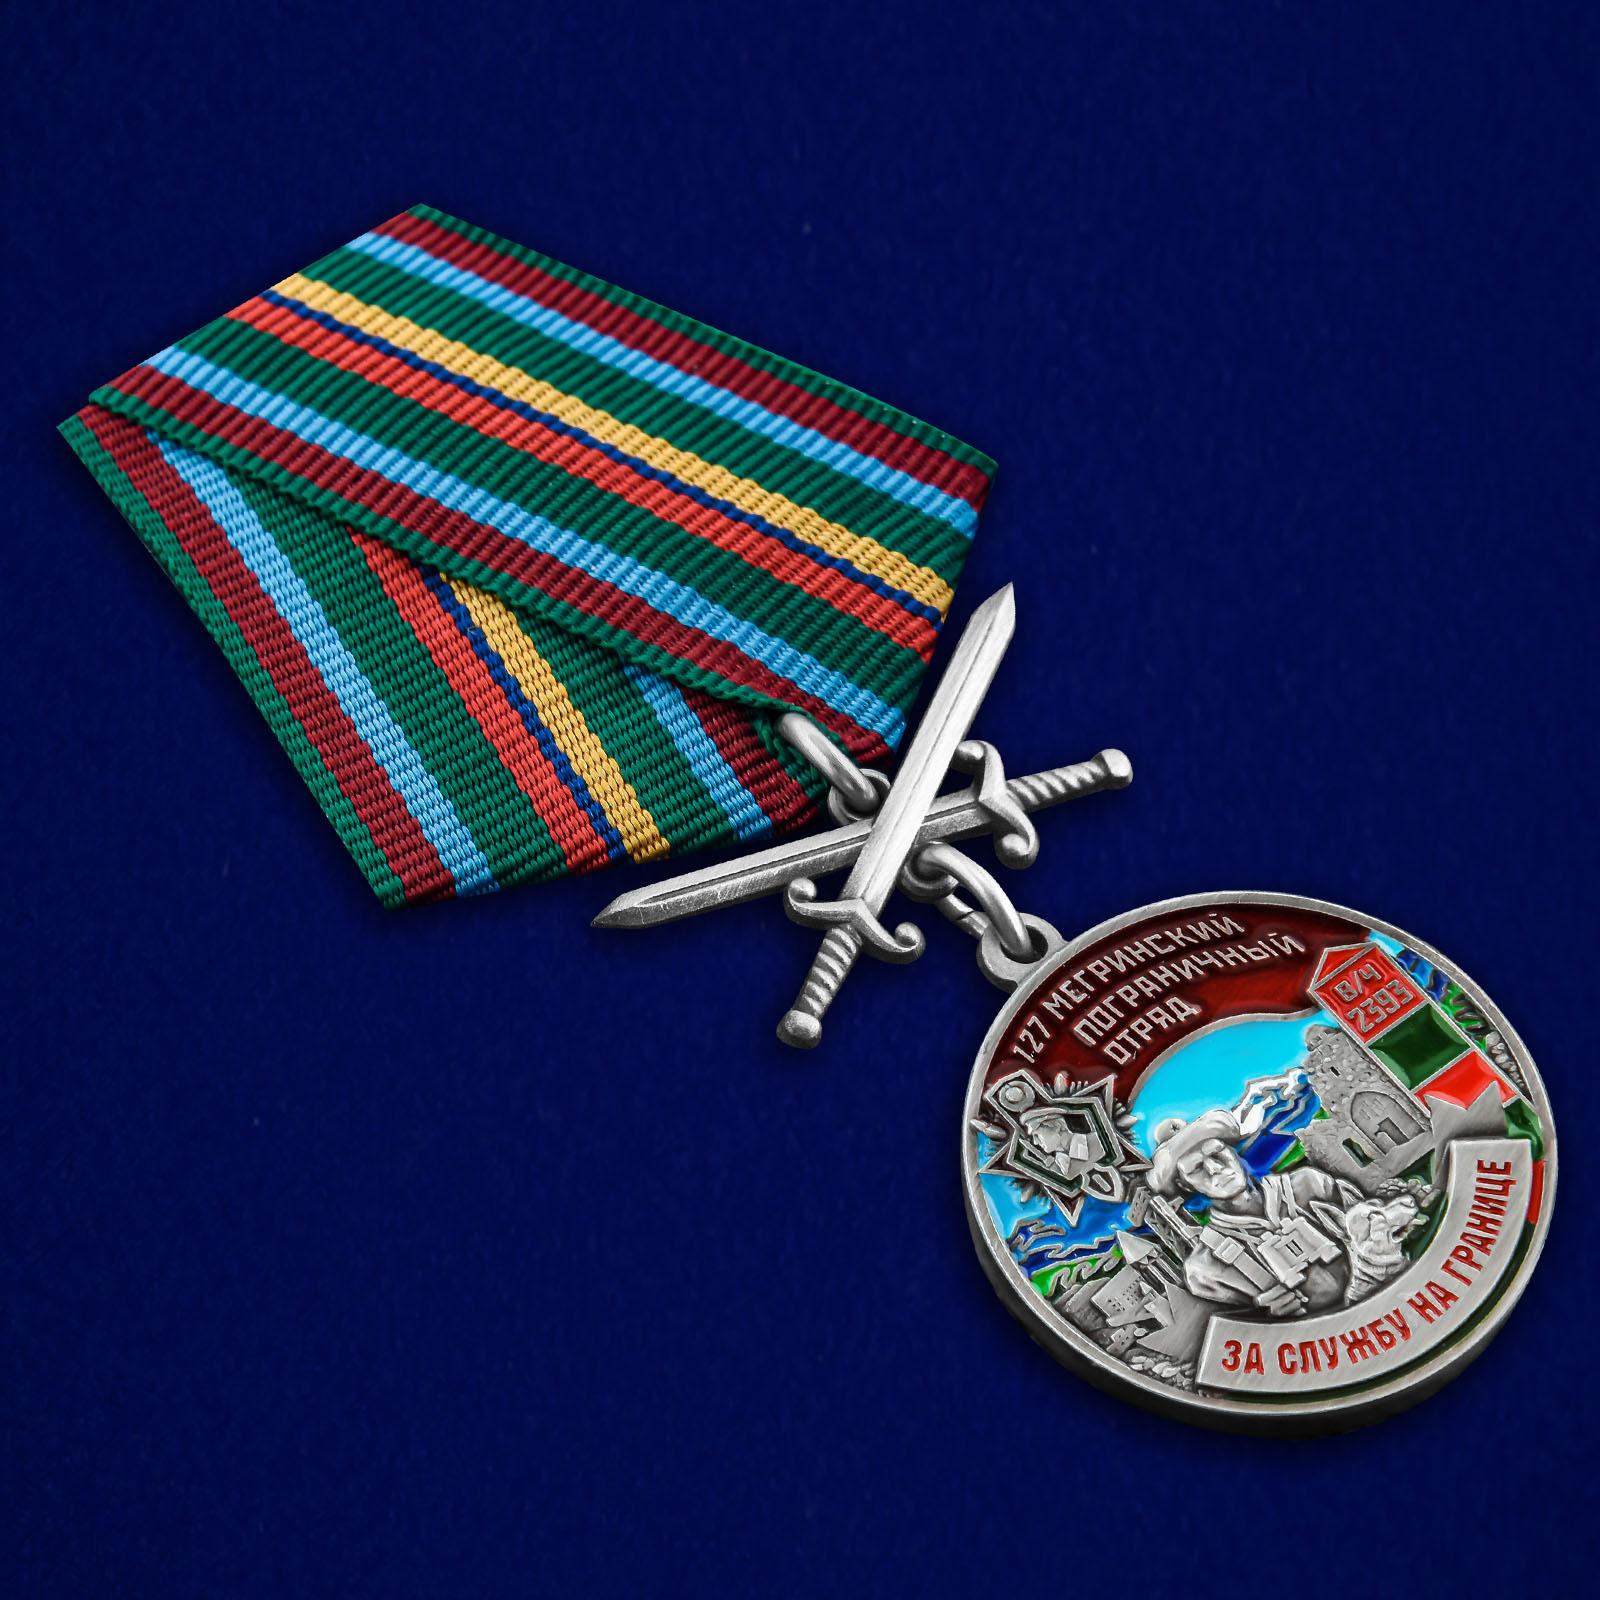 """Купить медаль """"За службу в Мегринском пограничном отряде"""""""